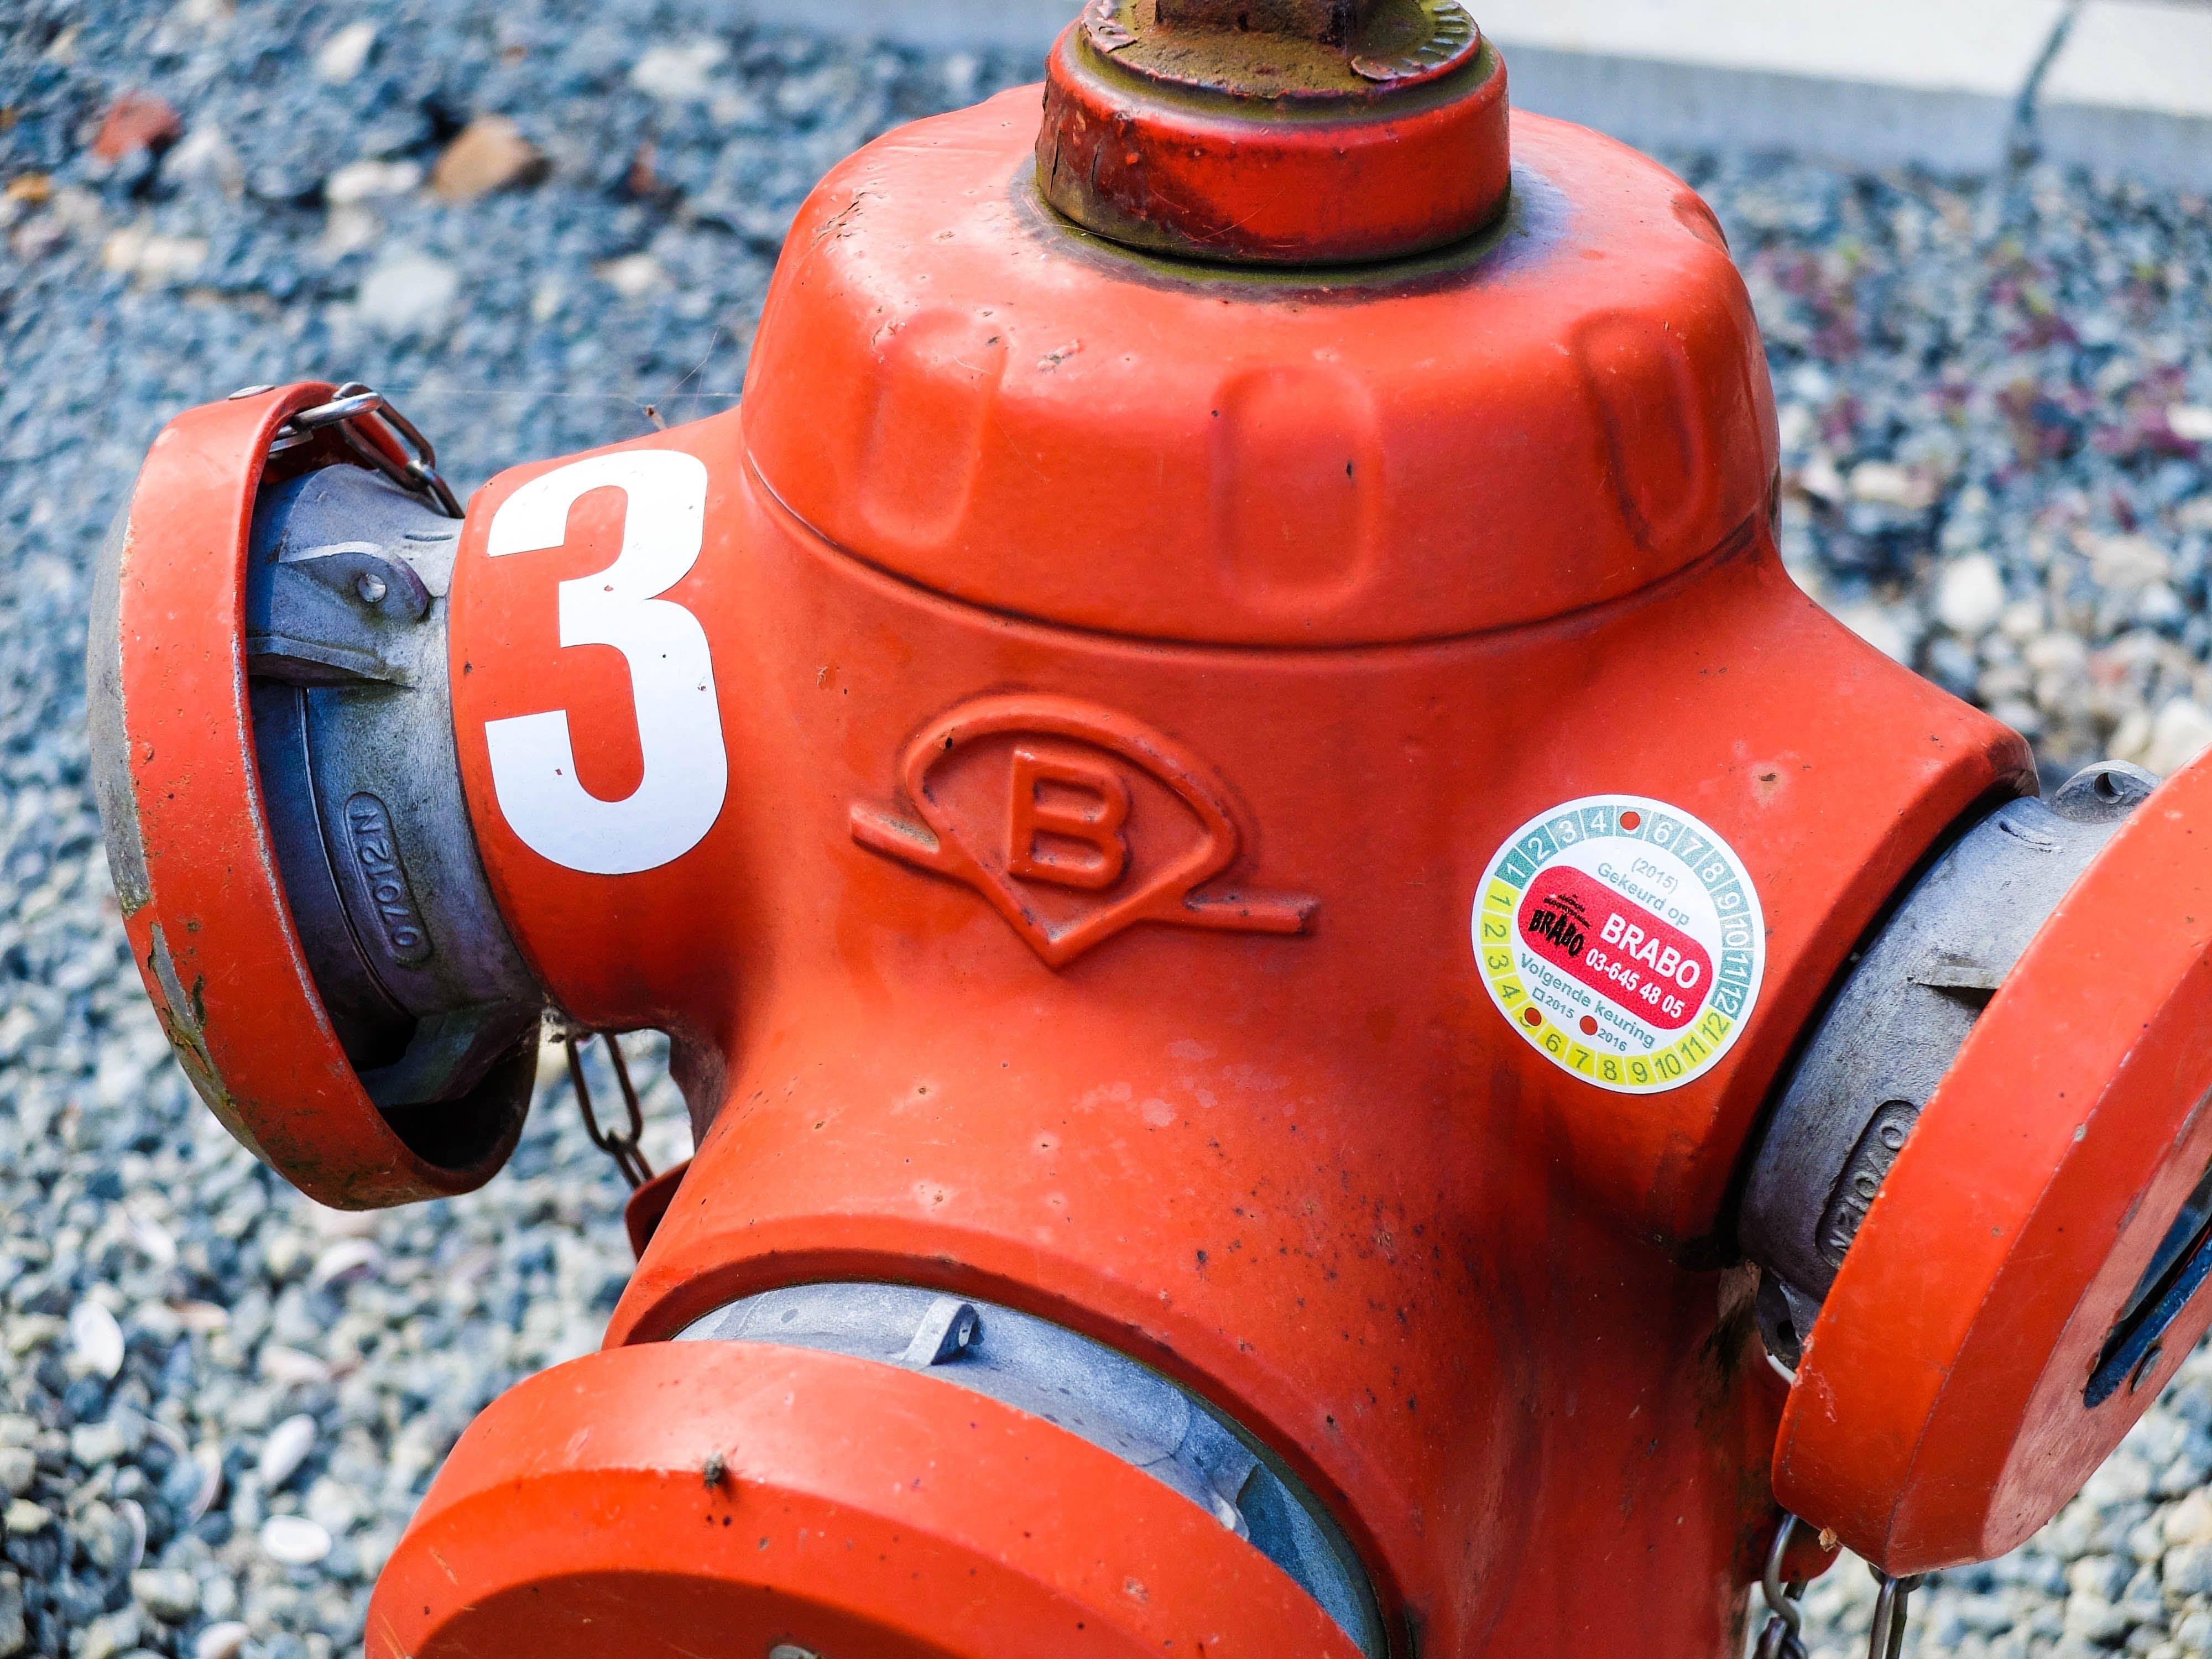 z bezpieczeństwo, ciśnienie, czerwony, hydrant